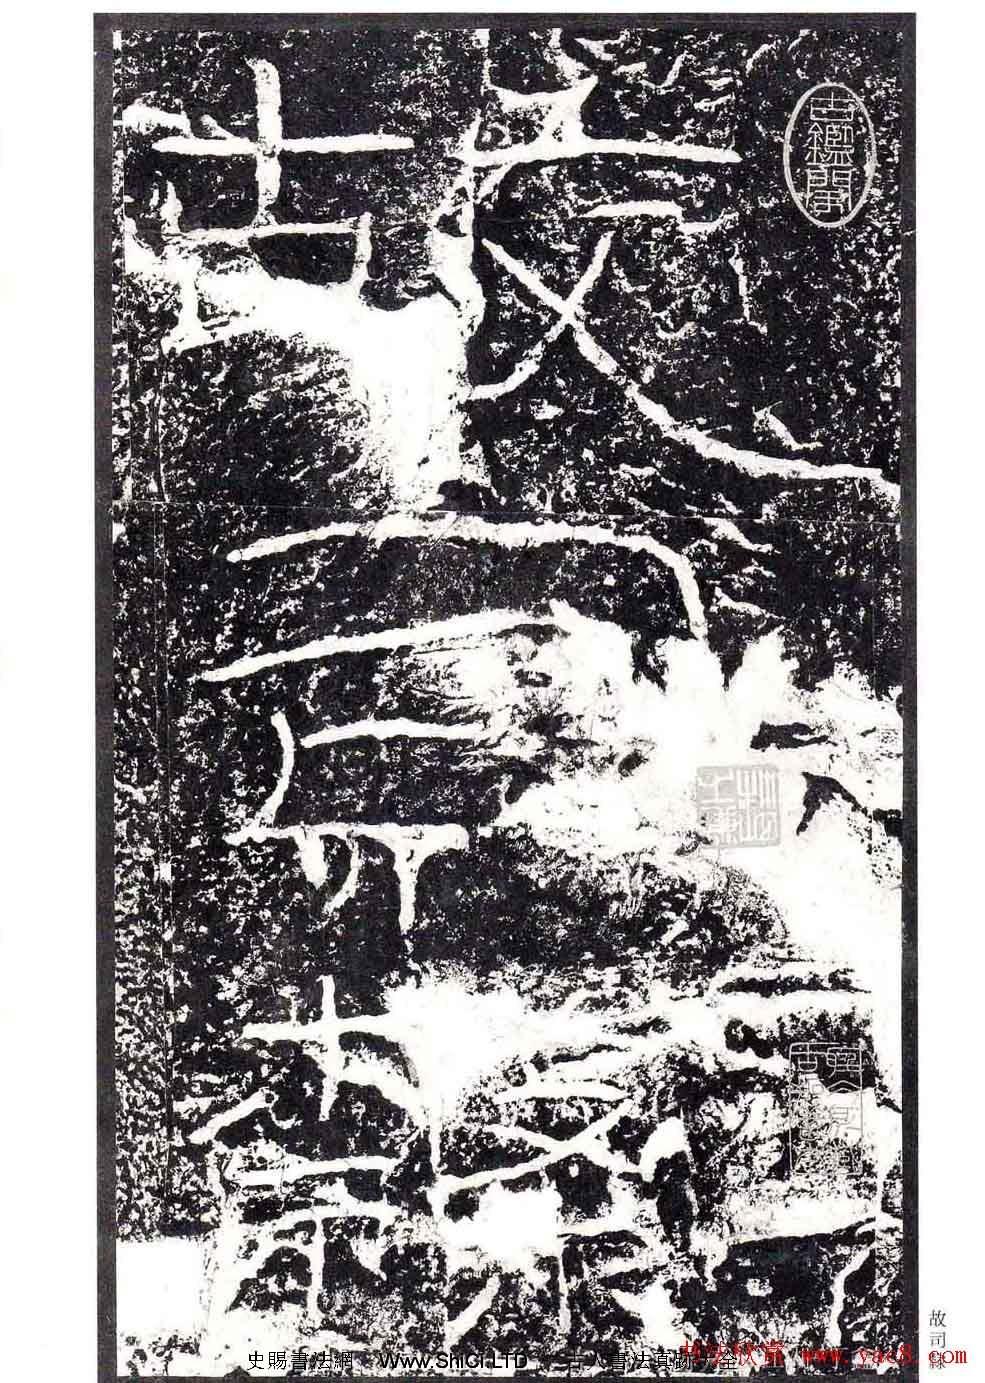 漢隸書真跡欣賞《石門頌》日本二玄社清晰版(共82張圖片)